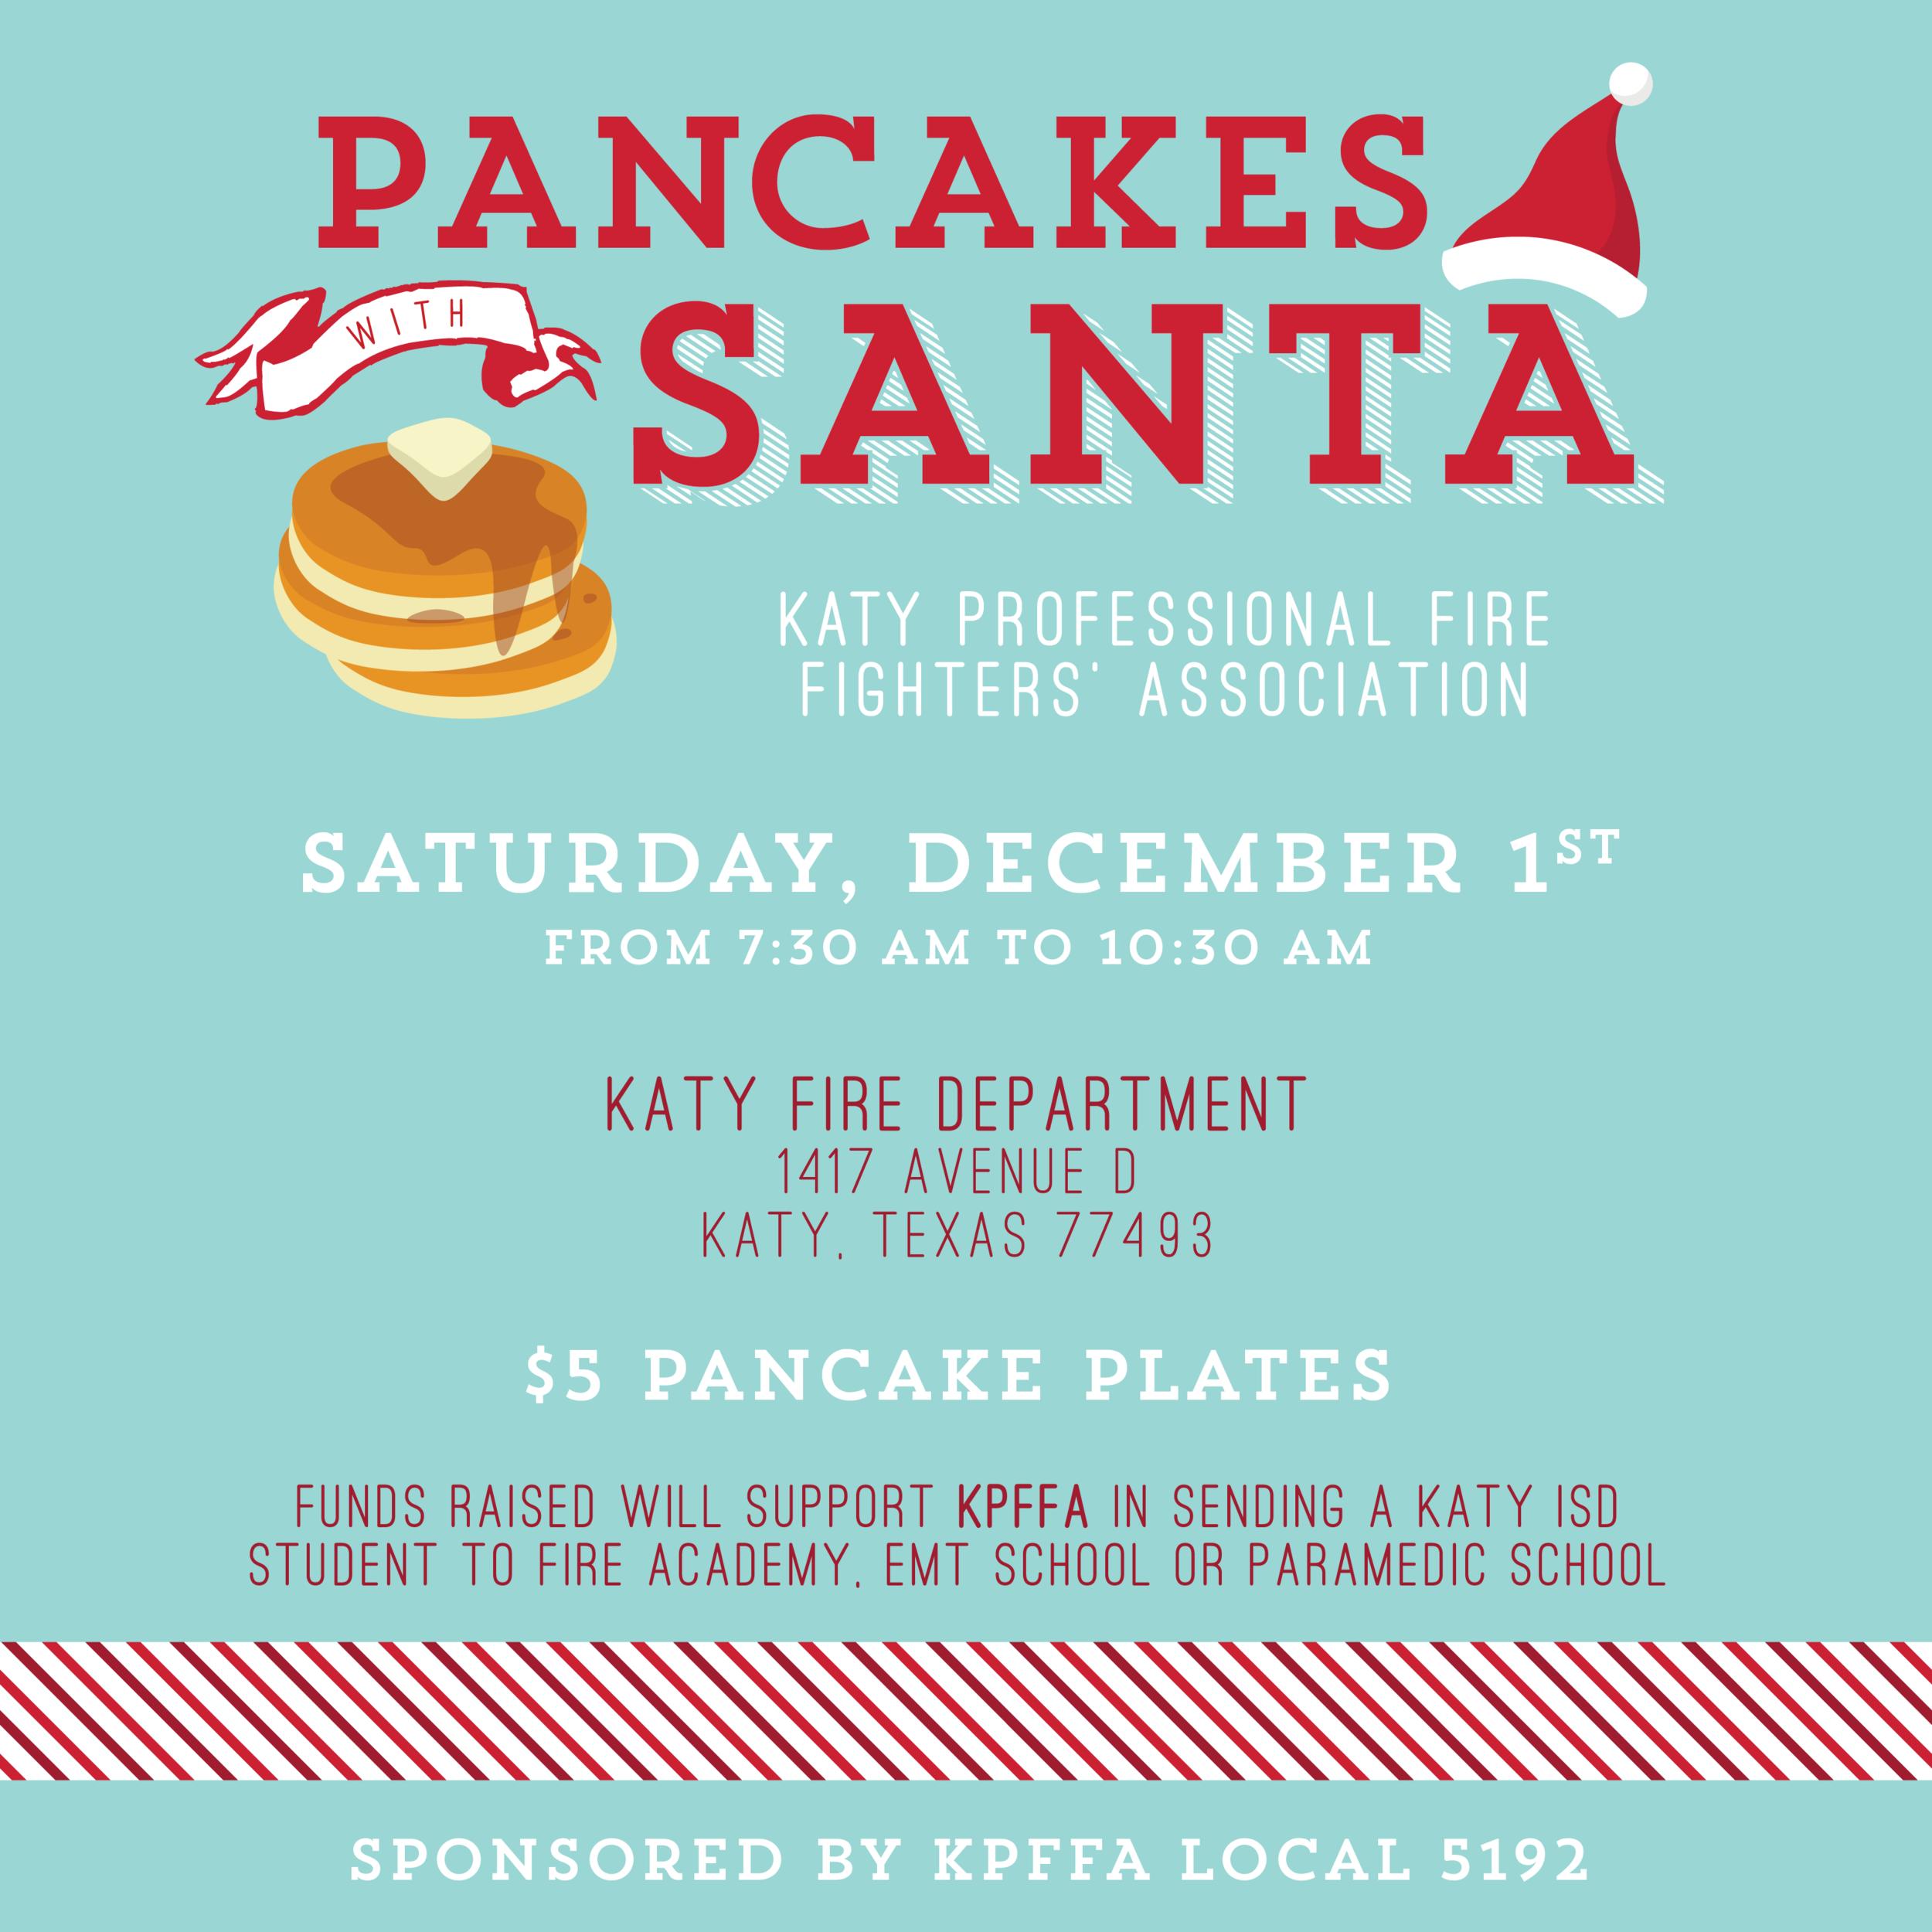 Pancakes_with_Santa_Social-01.png